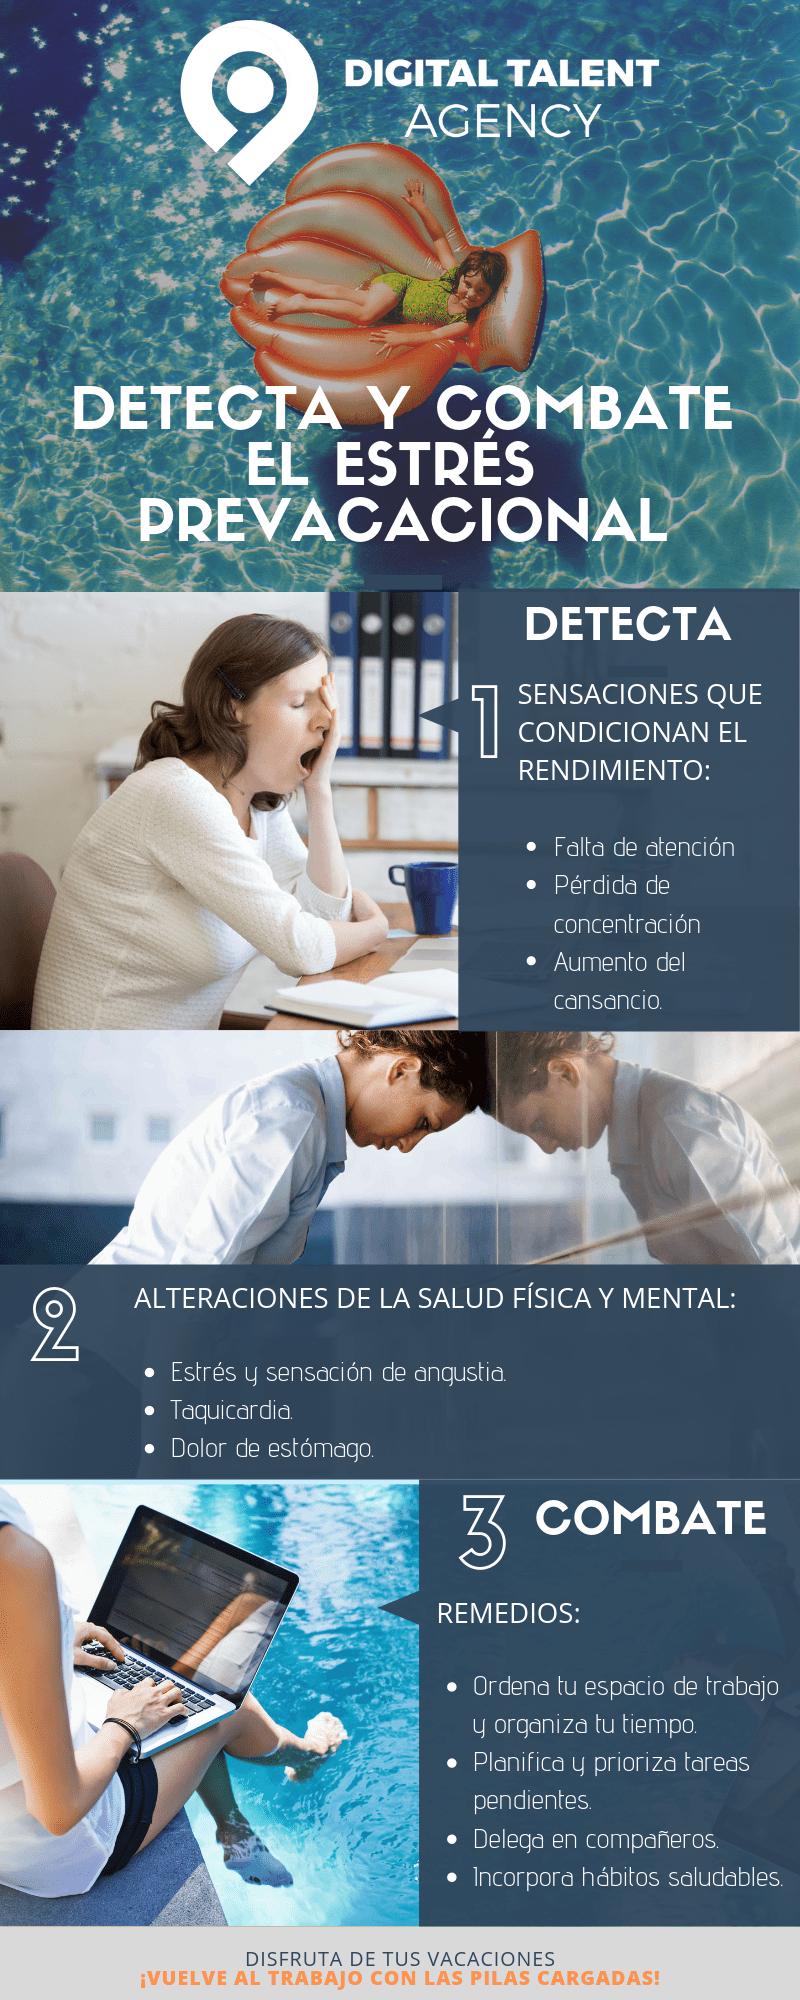 Detecta y combate el estrés prevacacional